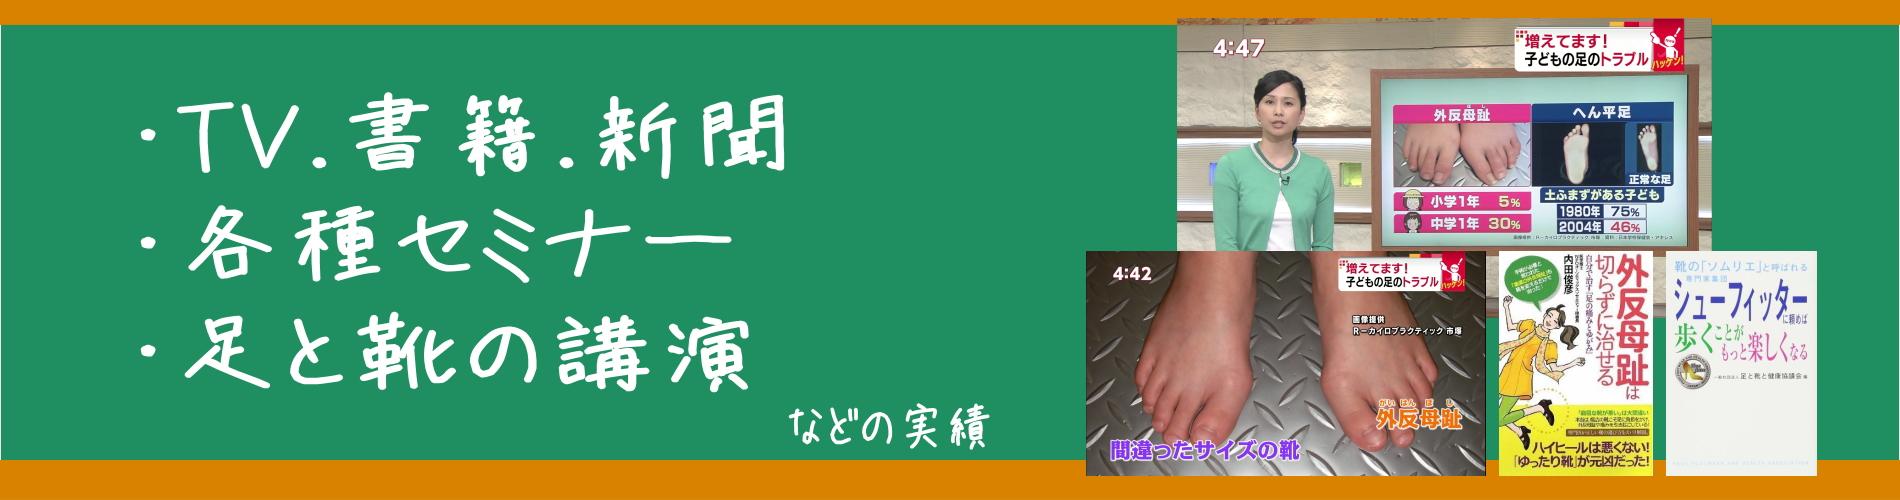 埼玉県さいたま市のPlus-Rがメディア掲載トップイメージ